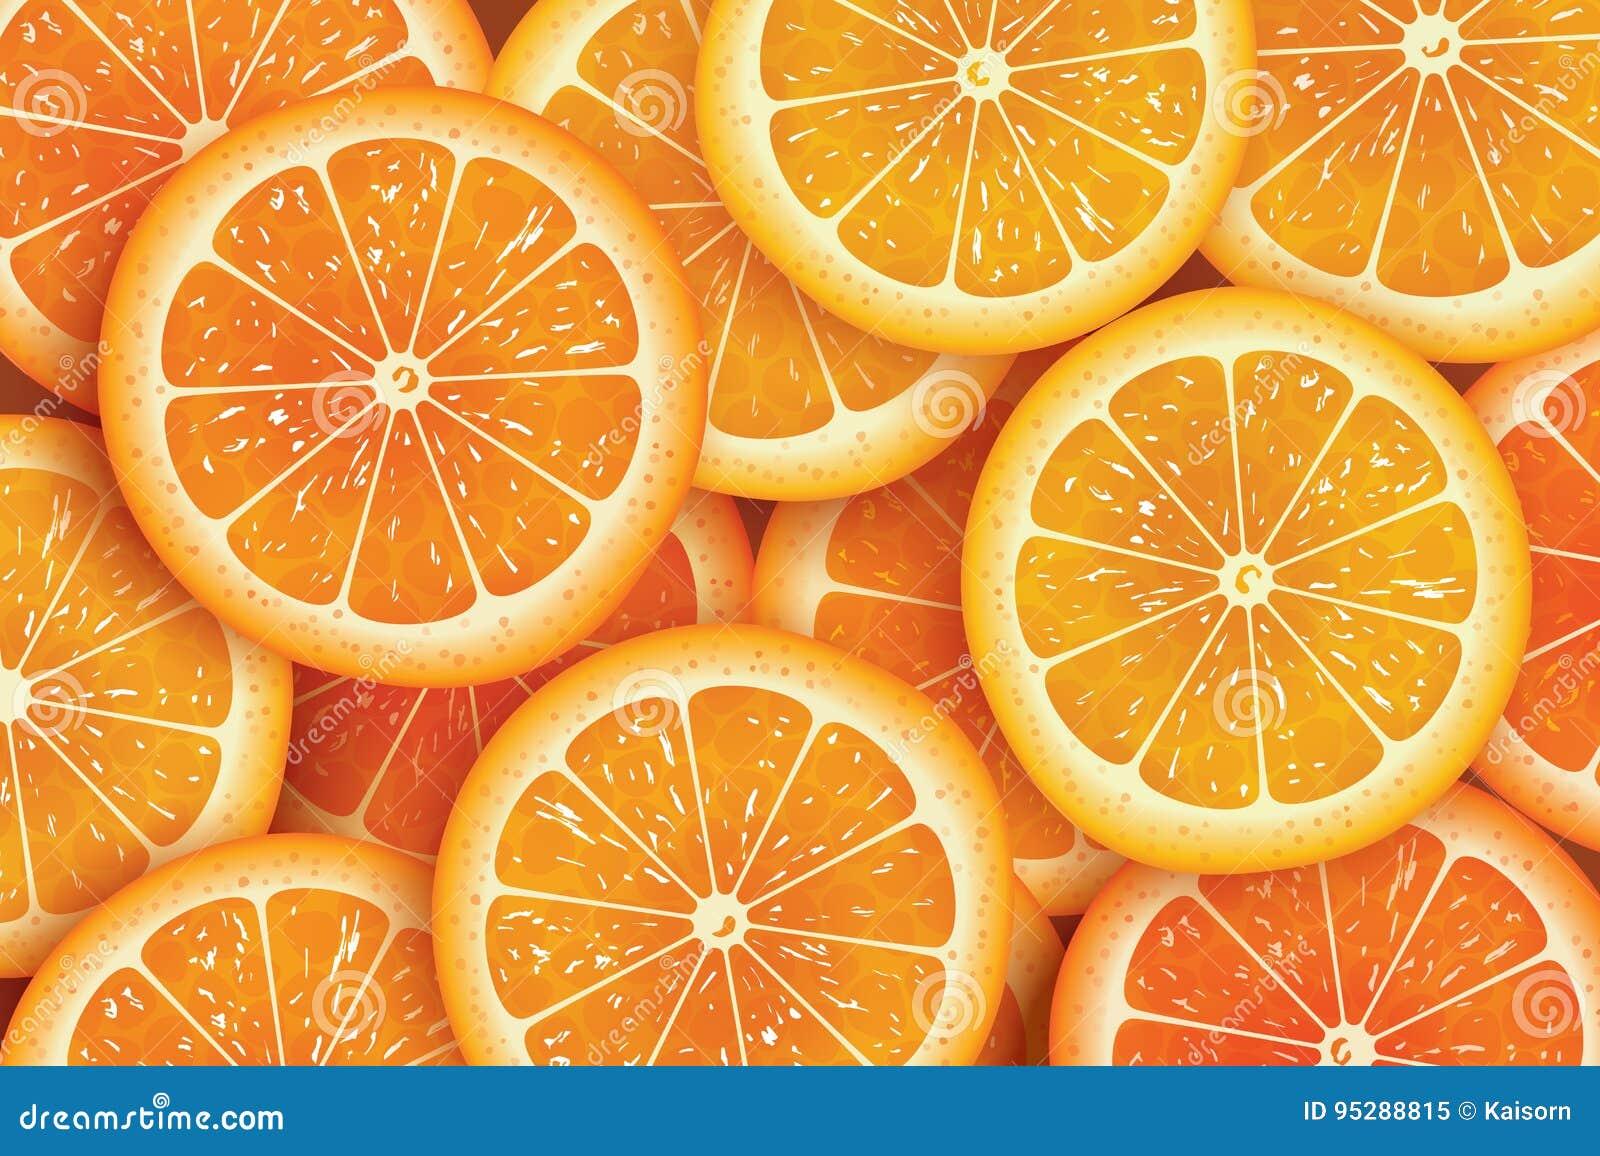 Πορτοκαλί υπόβαθρο φετών για το καλοκαίρι